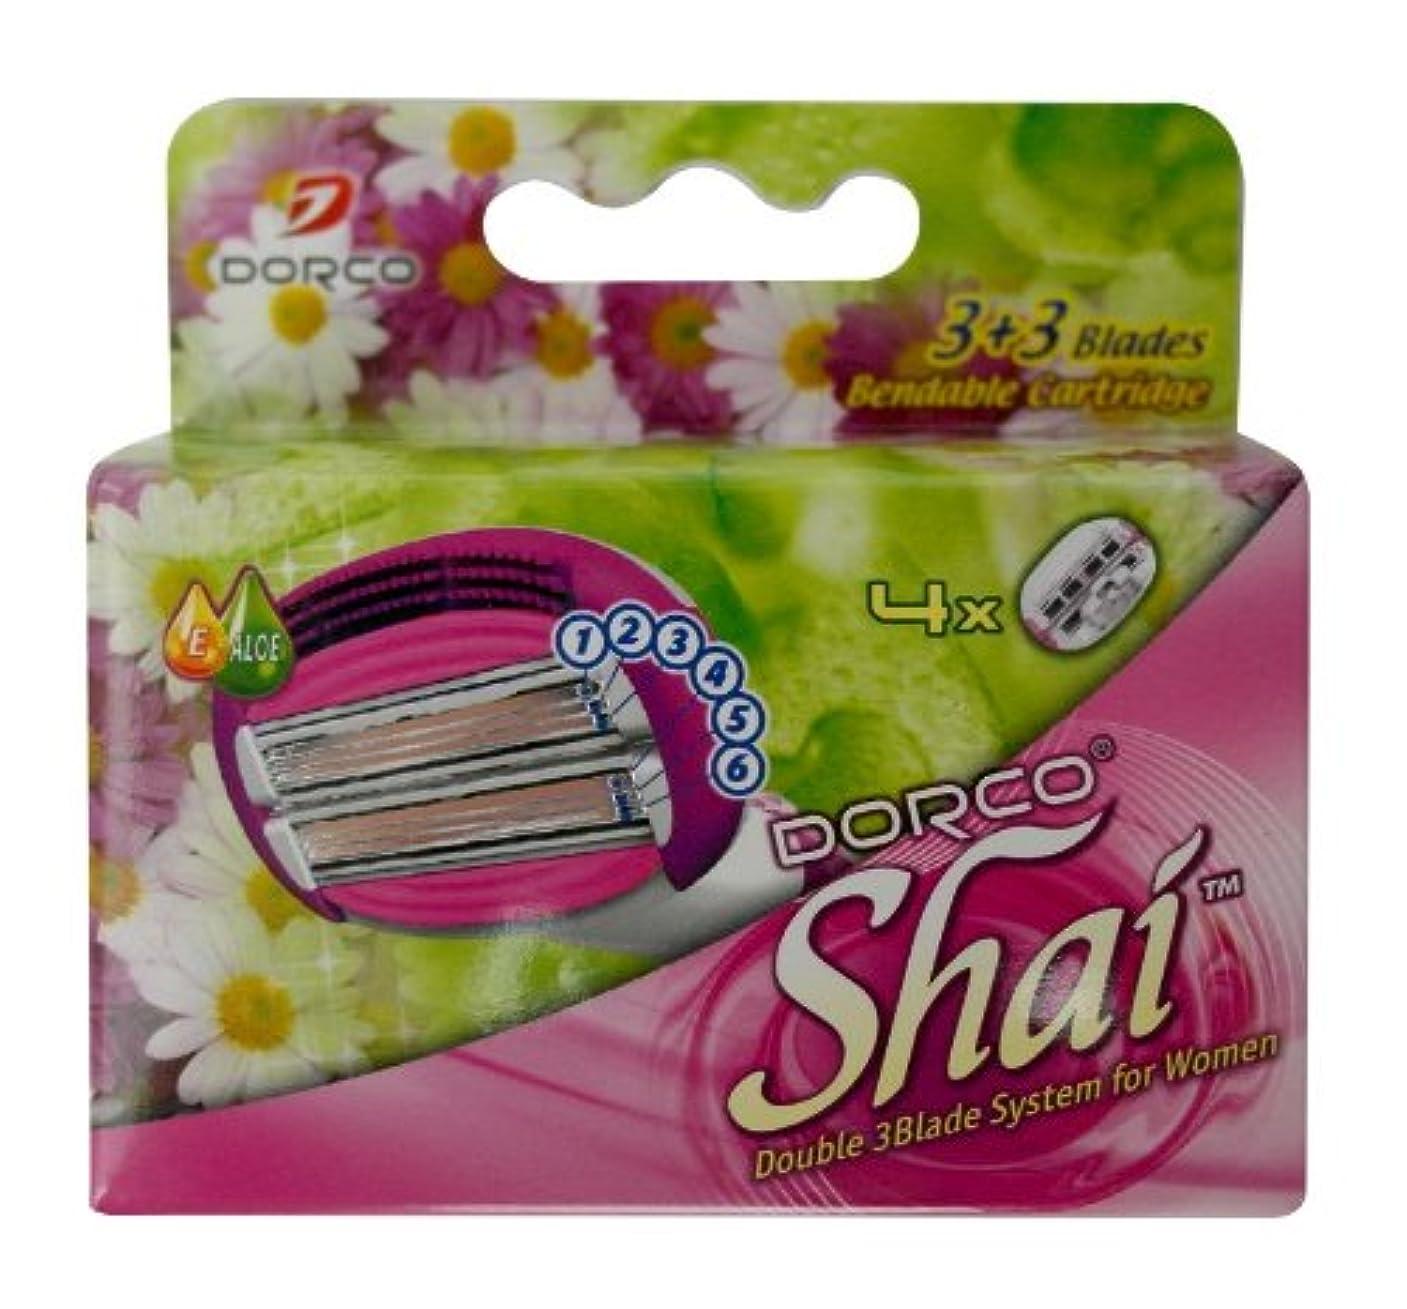 インシデント発信ブレーキDORCO ドルコ Shai3+3 女性用替刃式 カミソリ3+3枚刃 替え刃